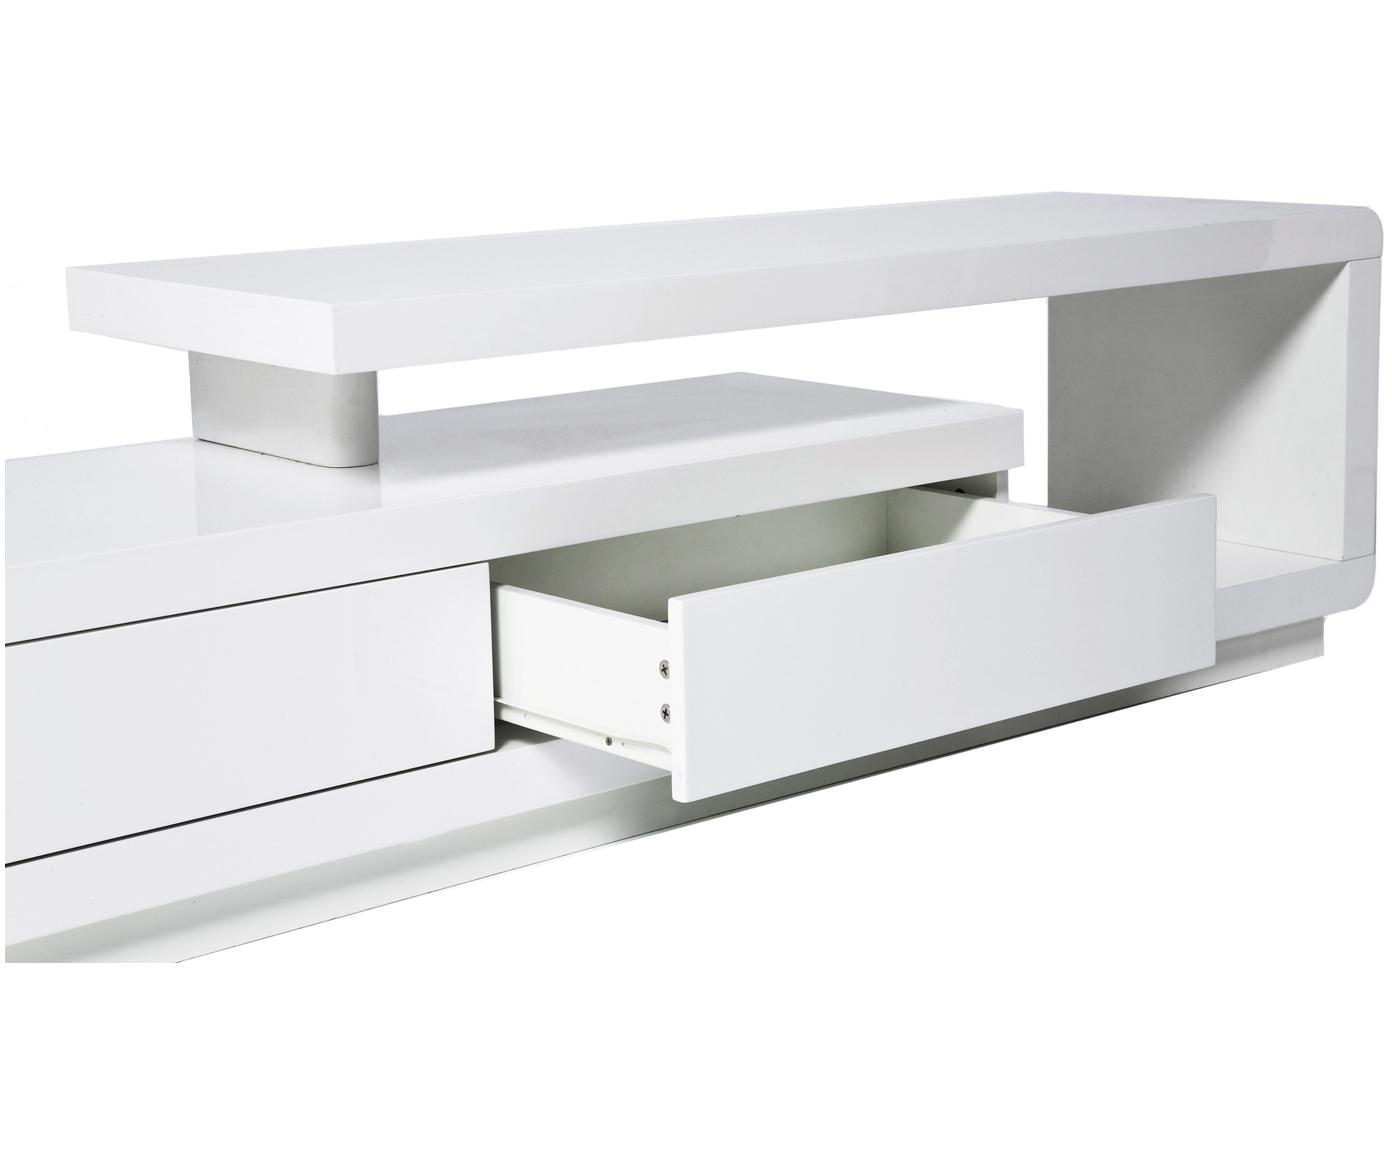 Szafka RTV Loft, Lakierowana płyta pilśniowa (MDF), Biały, S 170 x W 45 cm